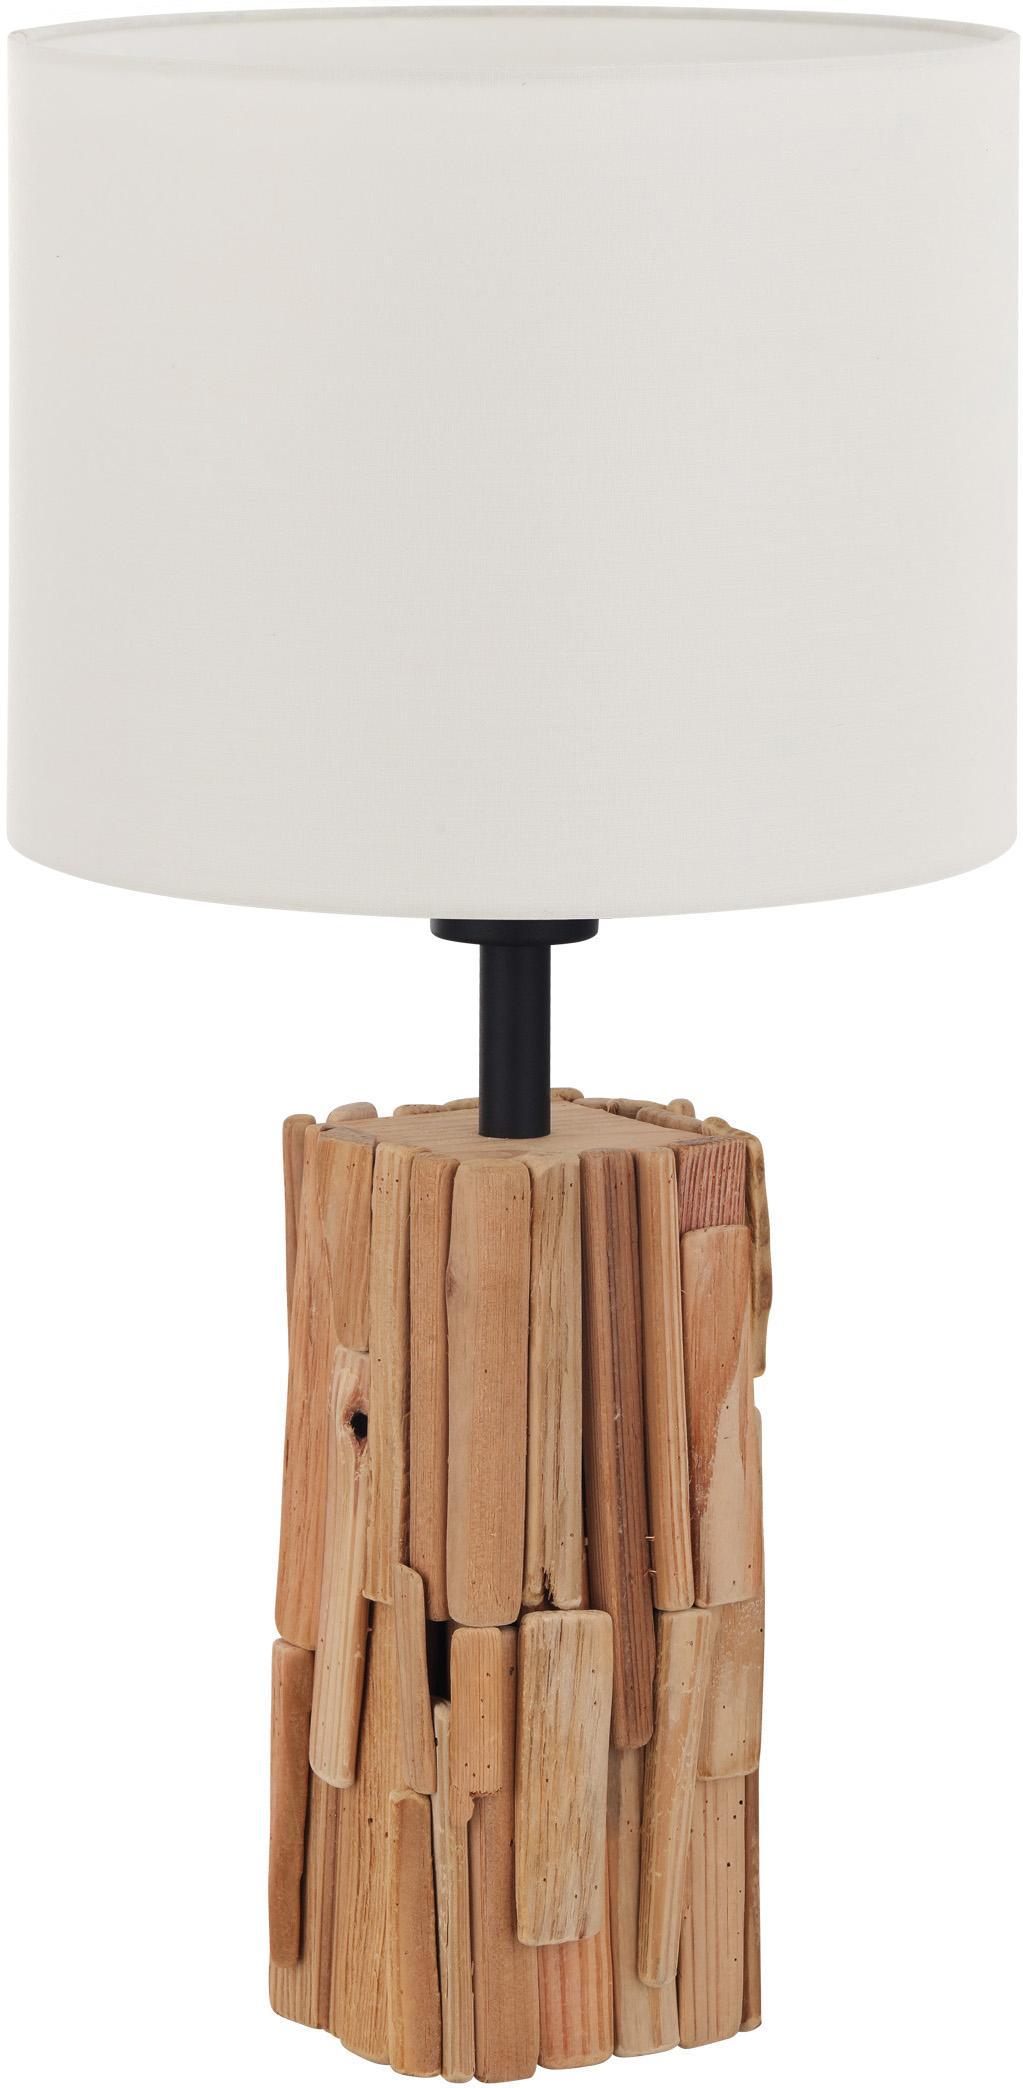 Tischleuchte Portishead mit Holzfuß, Lampenschirm: Leinen, Lampenfuß: Holz, Braun, Weiß, Ø 26 x H 54 cm